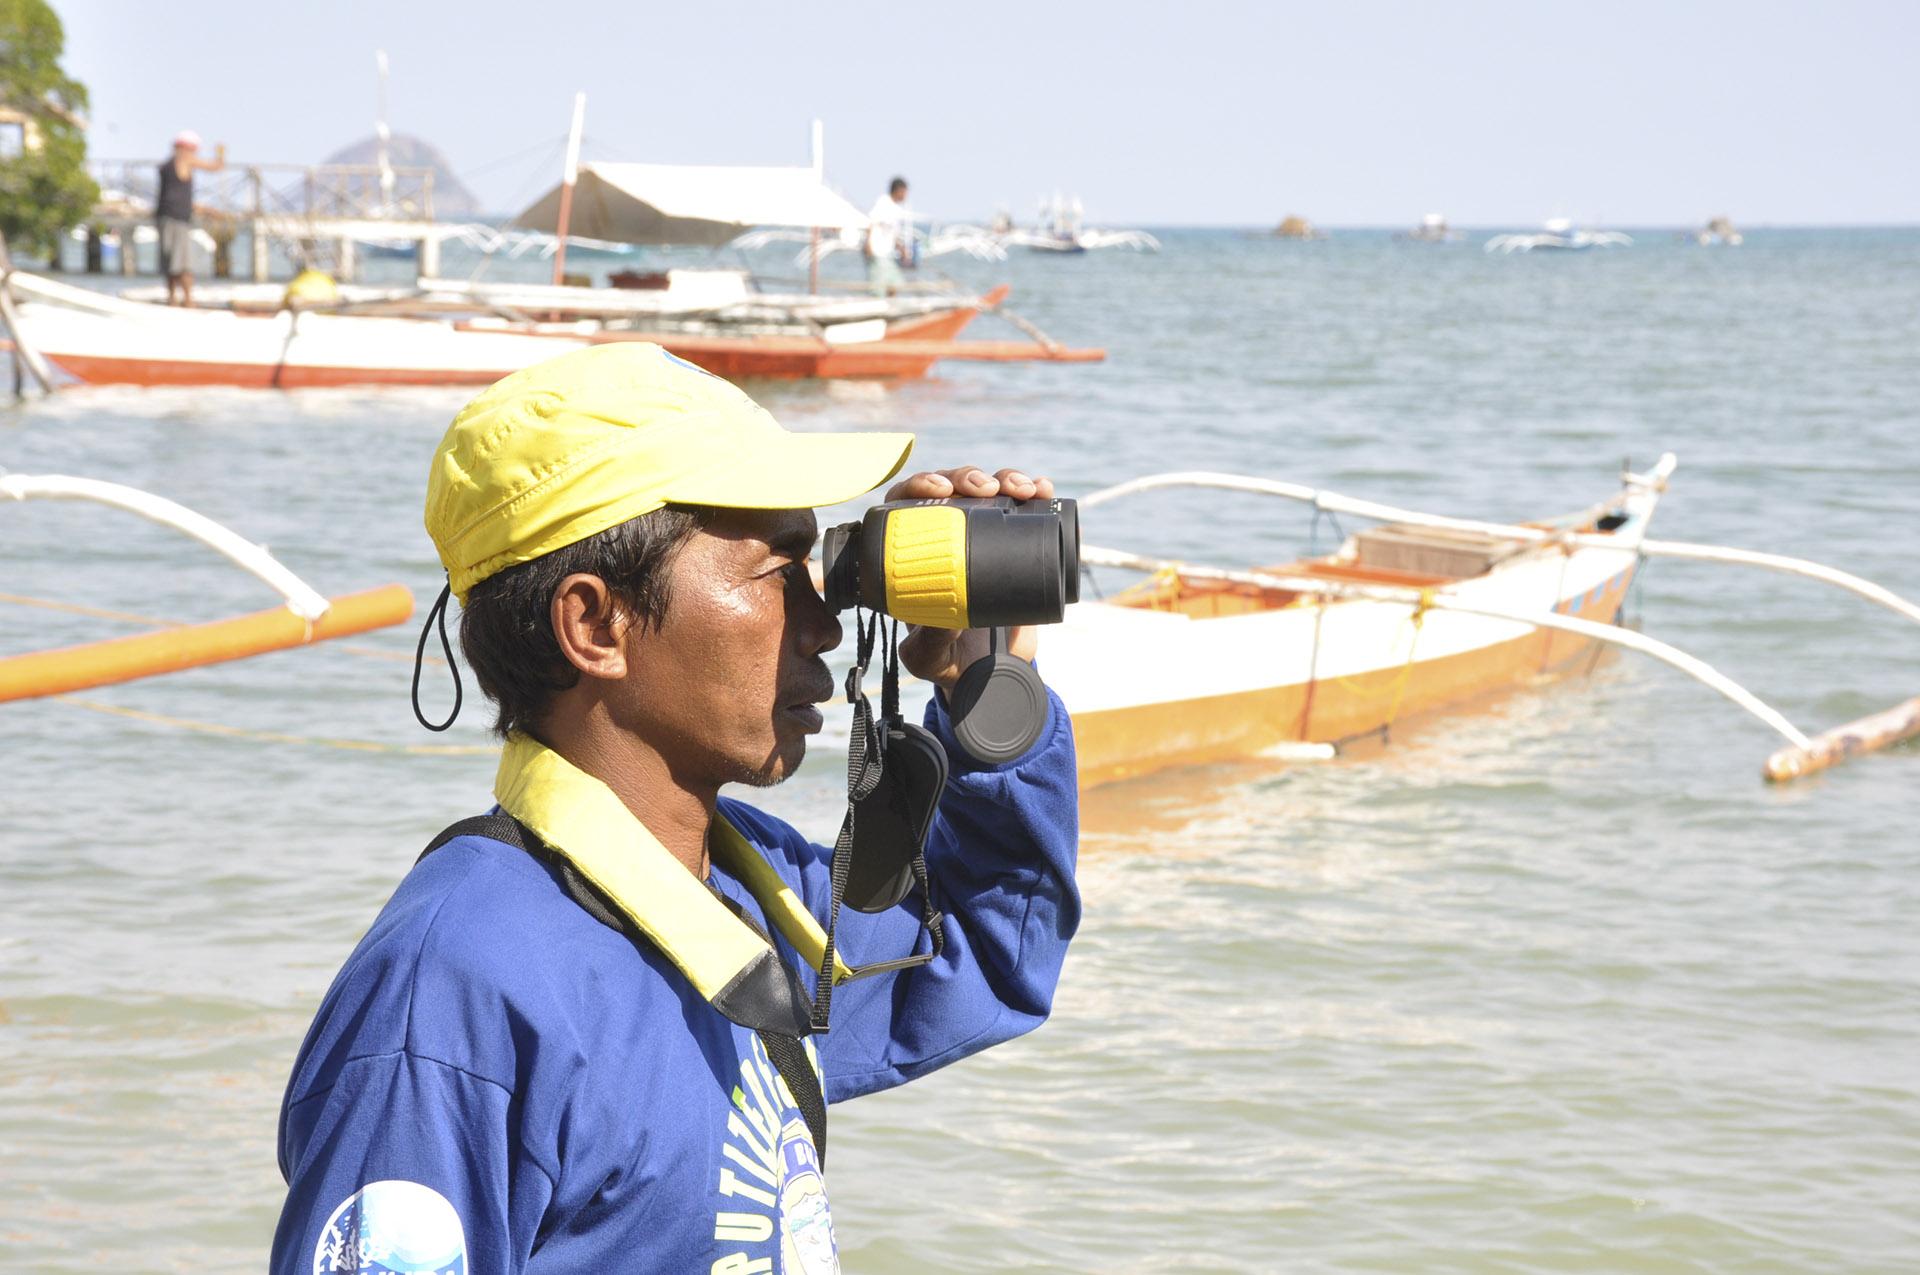 Man with binoculars near fishing boat at sea